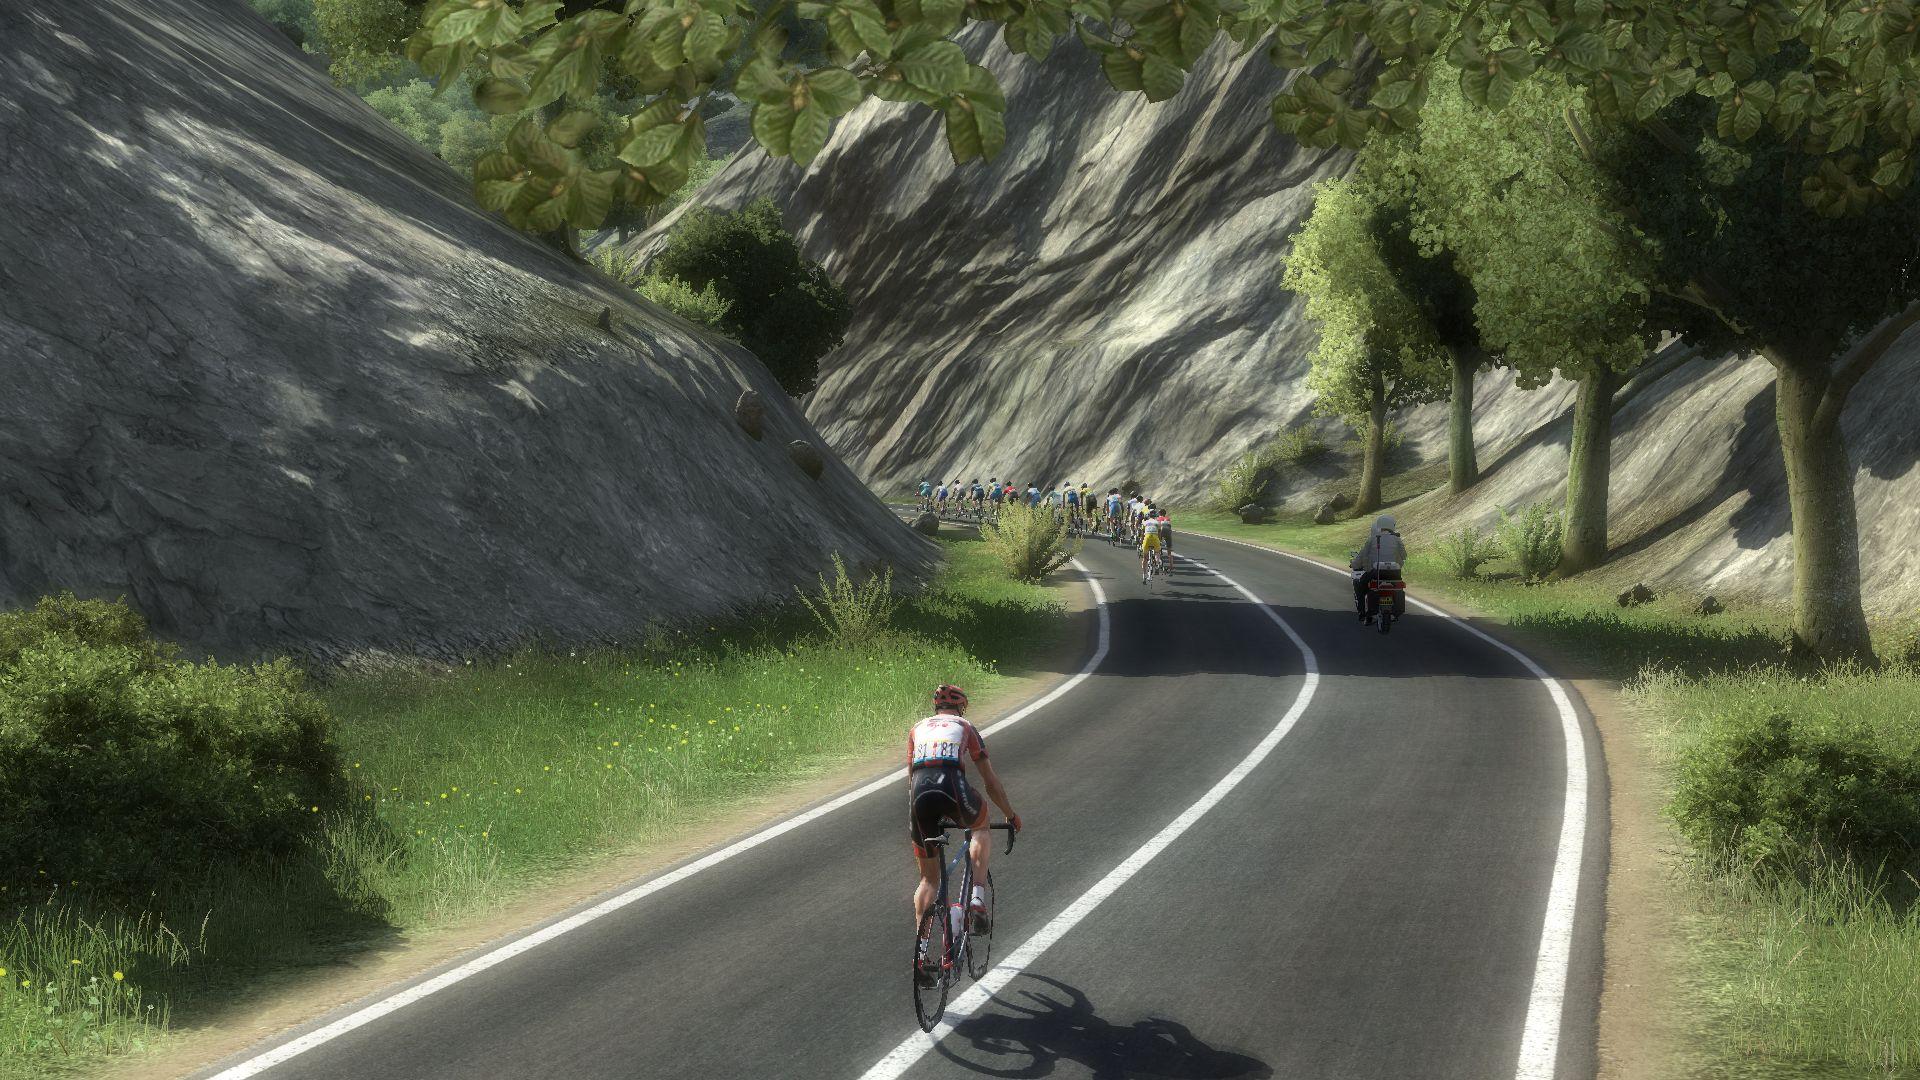 pcmdaily.com/images/mg/2020/Reports/C1/Andorra/TdAS5%209.jpg